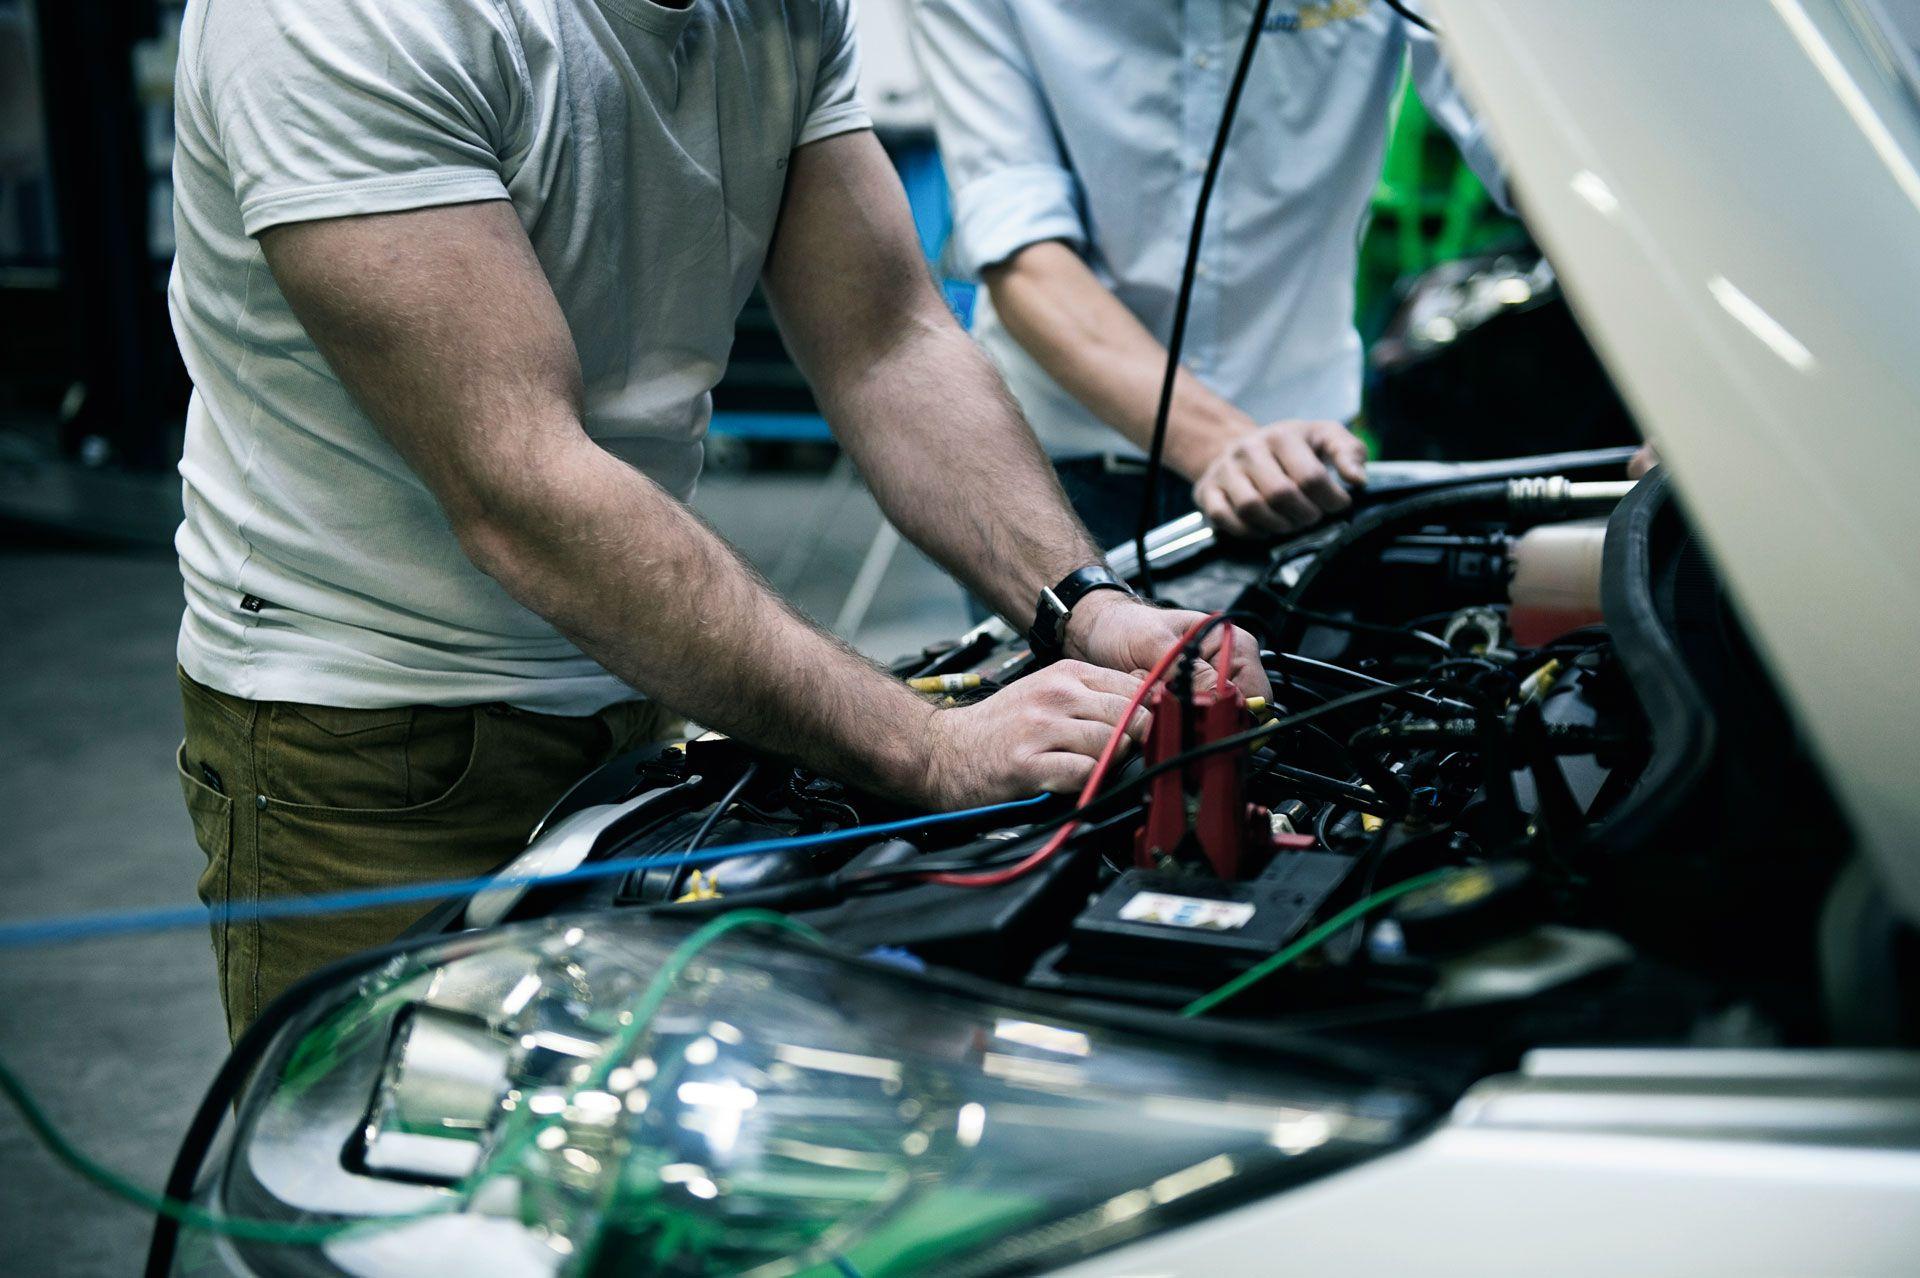 blijf-in-vorm-blogs-commercieel-ontwikkel-jezelf-als-autotechnicus-met-een-cursus-autotechniek-11232.jpg